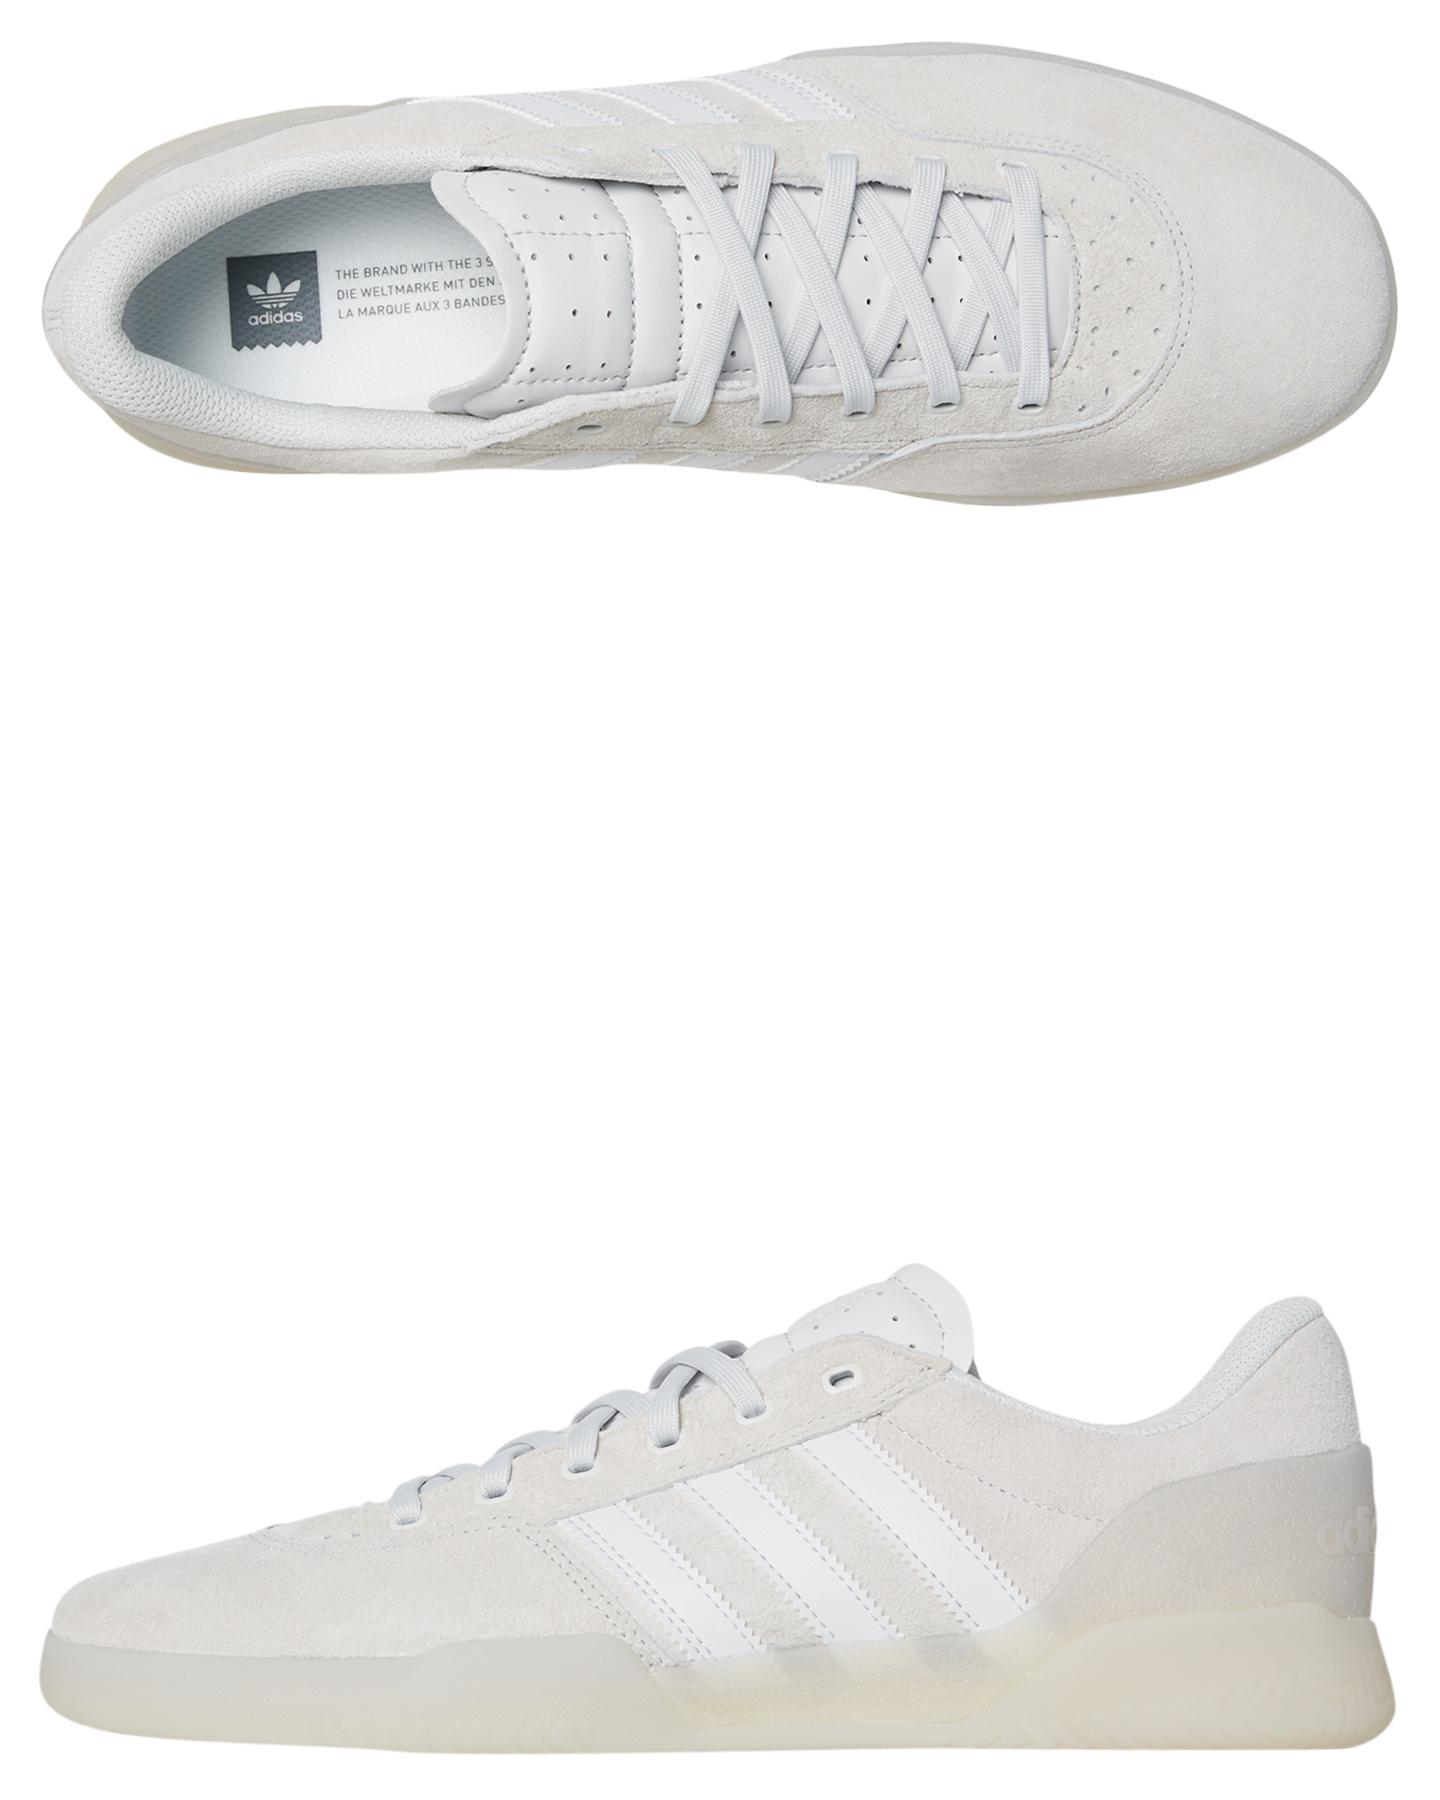 e8eb4e965529b8 Adidas City Cup Leather Shoe White White Shoes Size 8